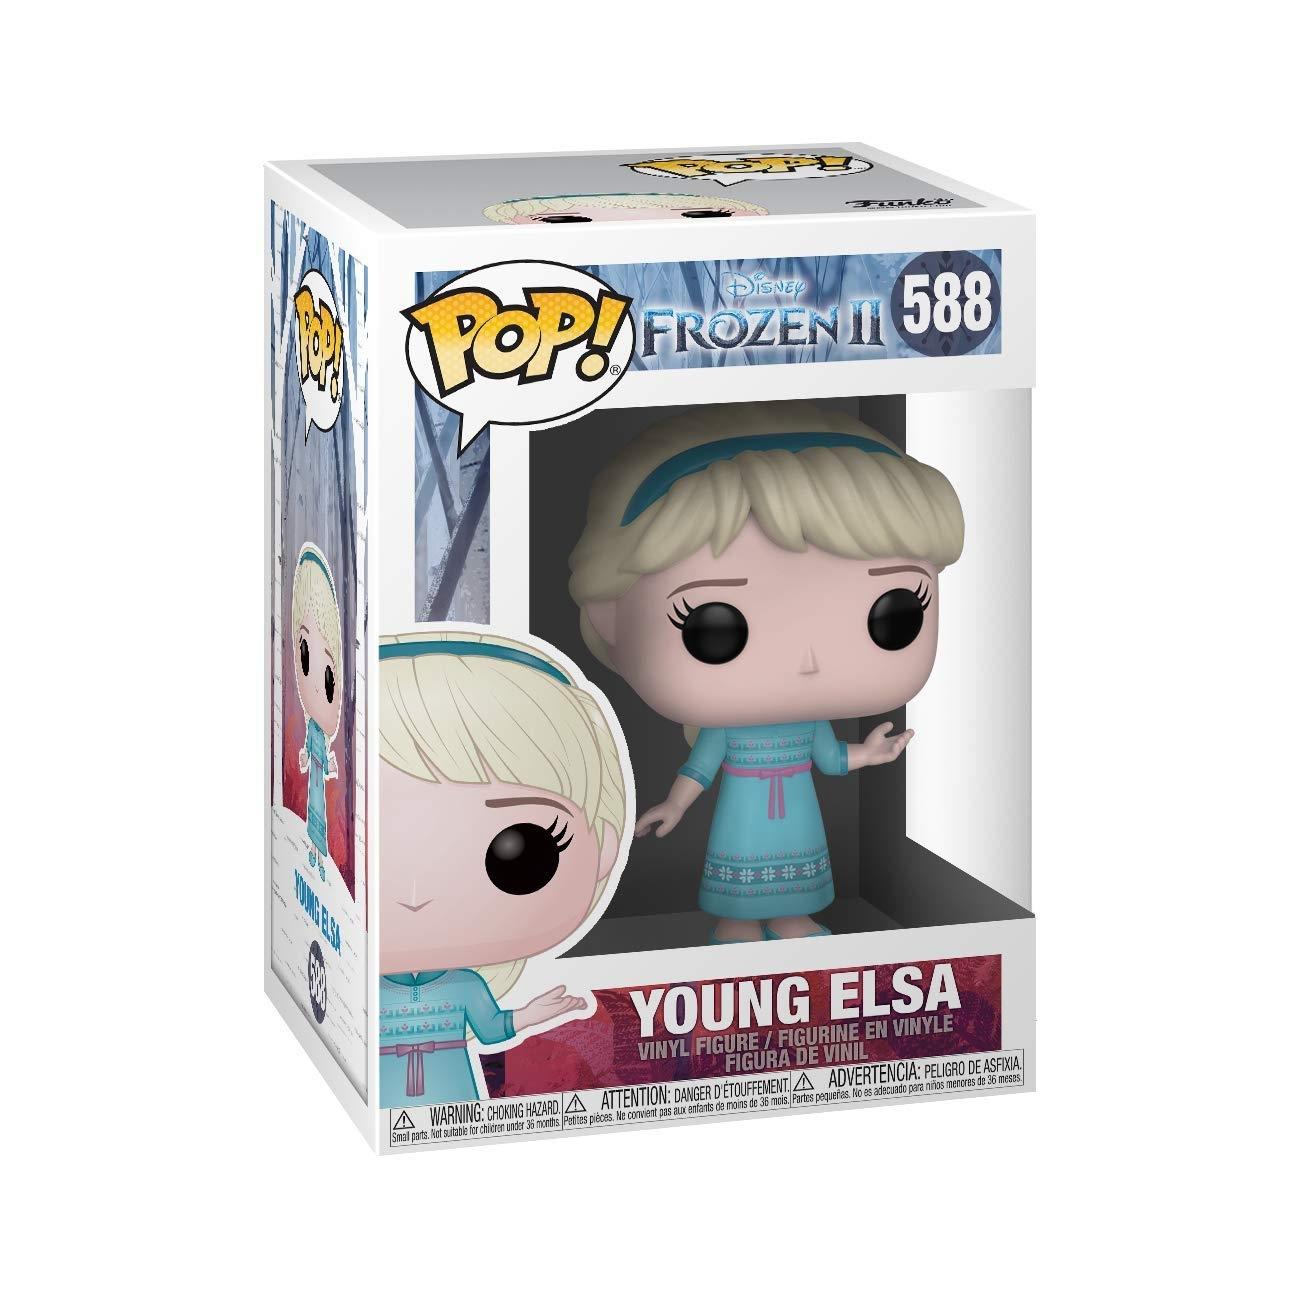 POP Disney Frozen 2 Young Elsa Pop Vinyl: Ornament